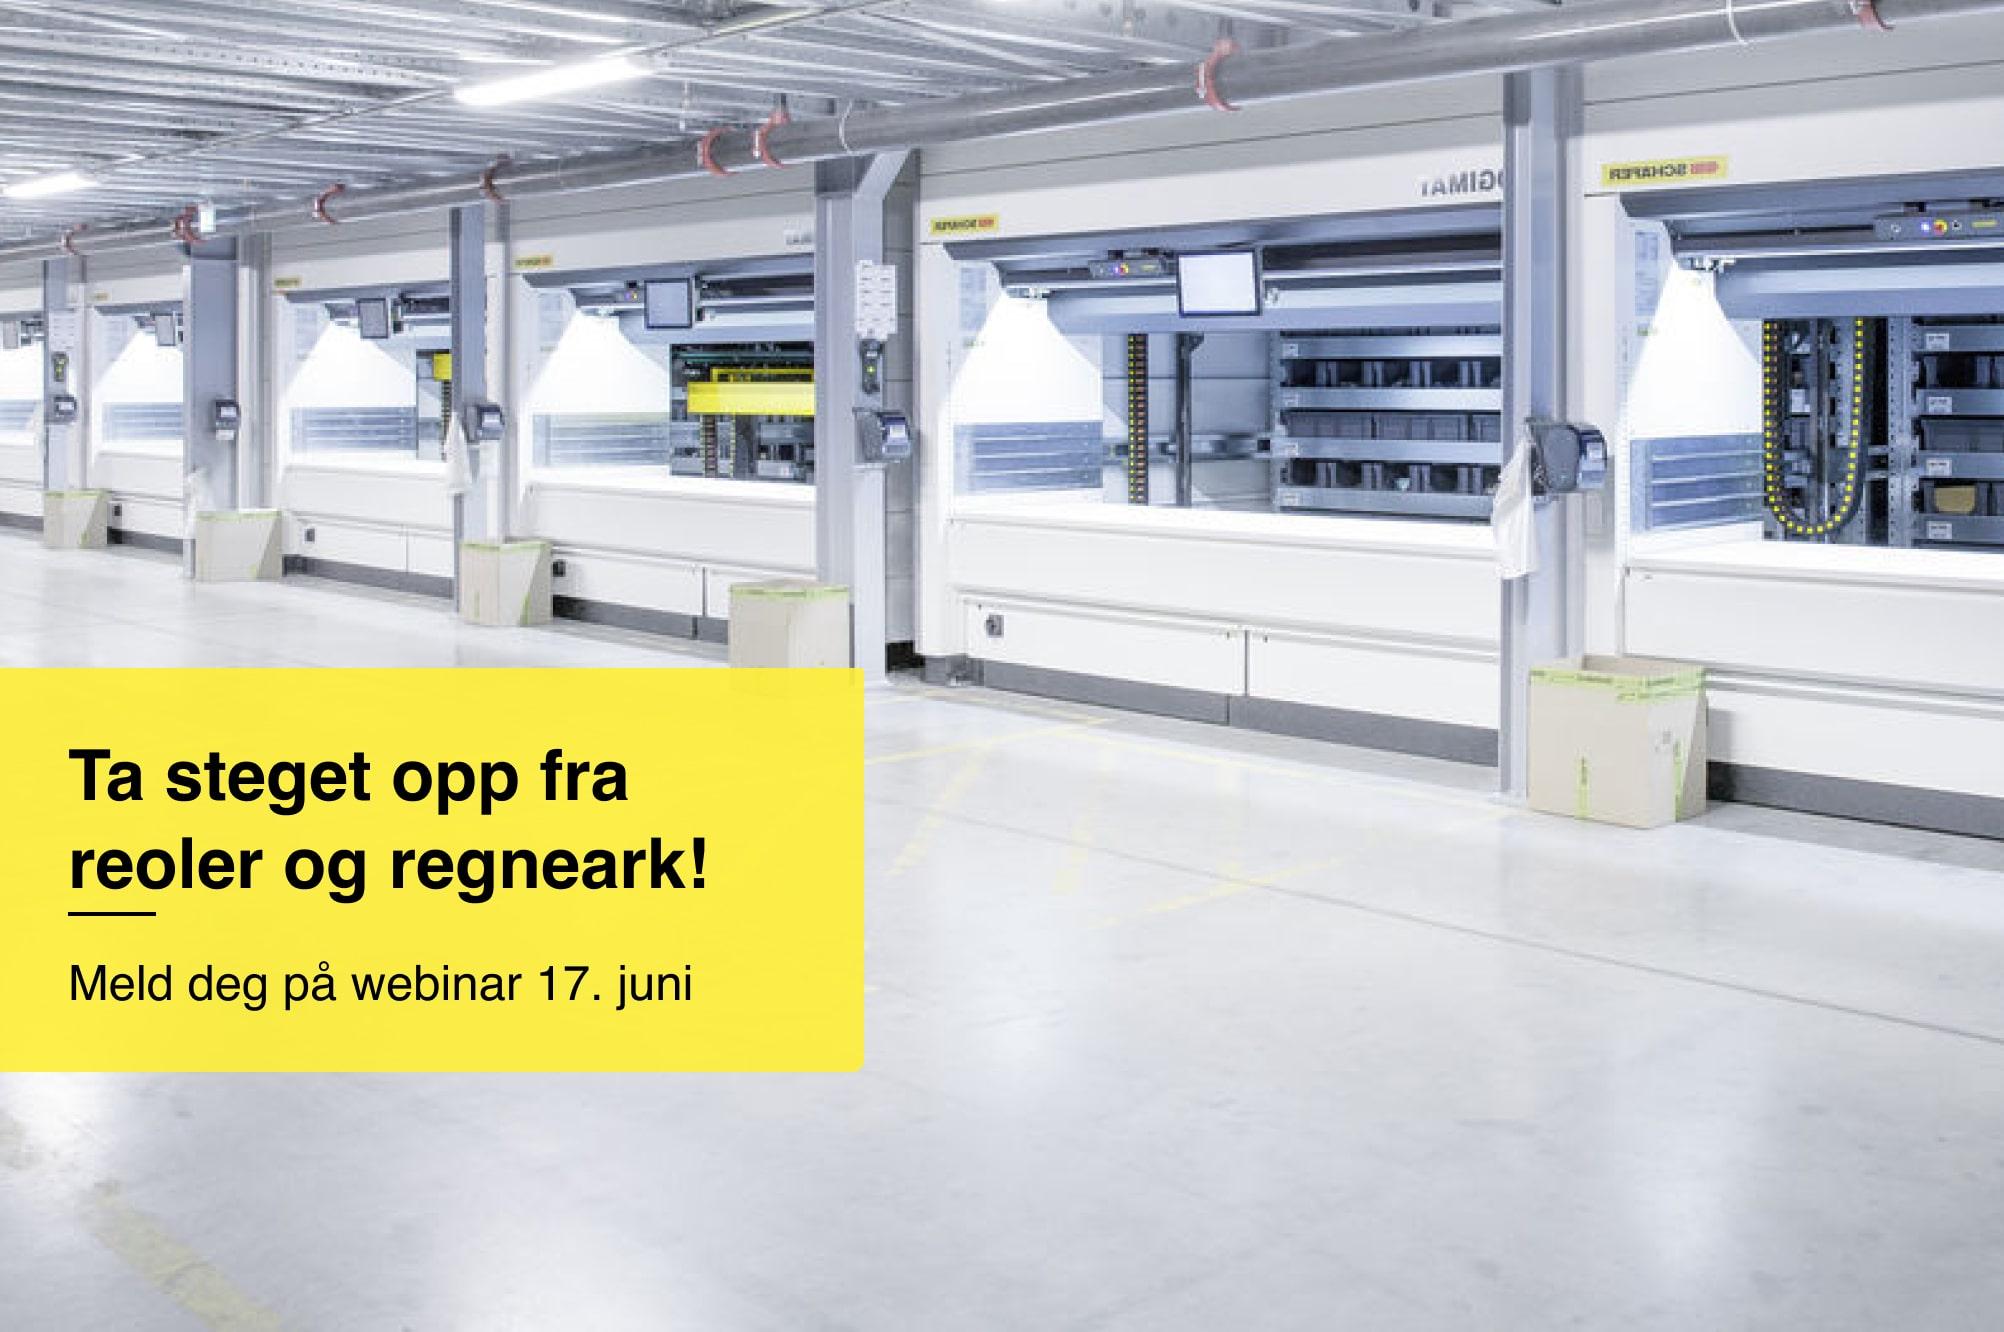 [Fullført] Webinar 17. juni: Automasjon for små og mellomstore lagre